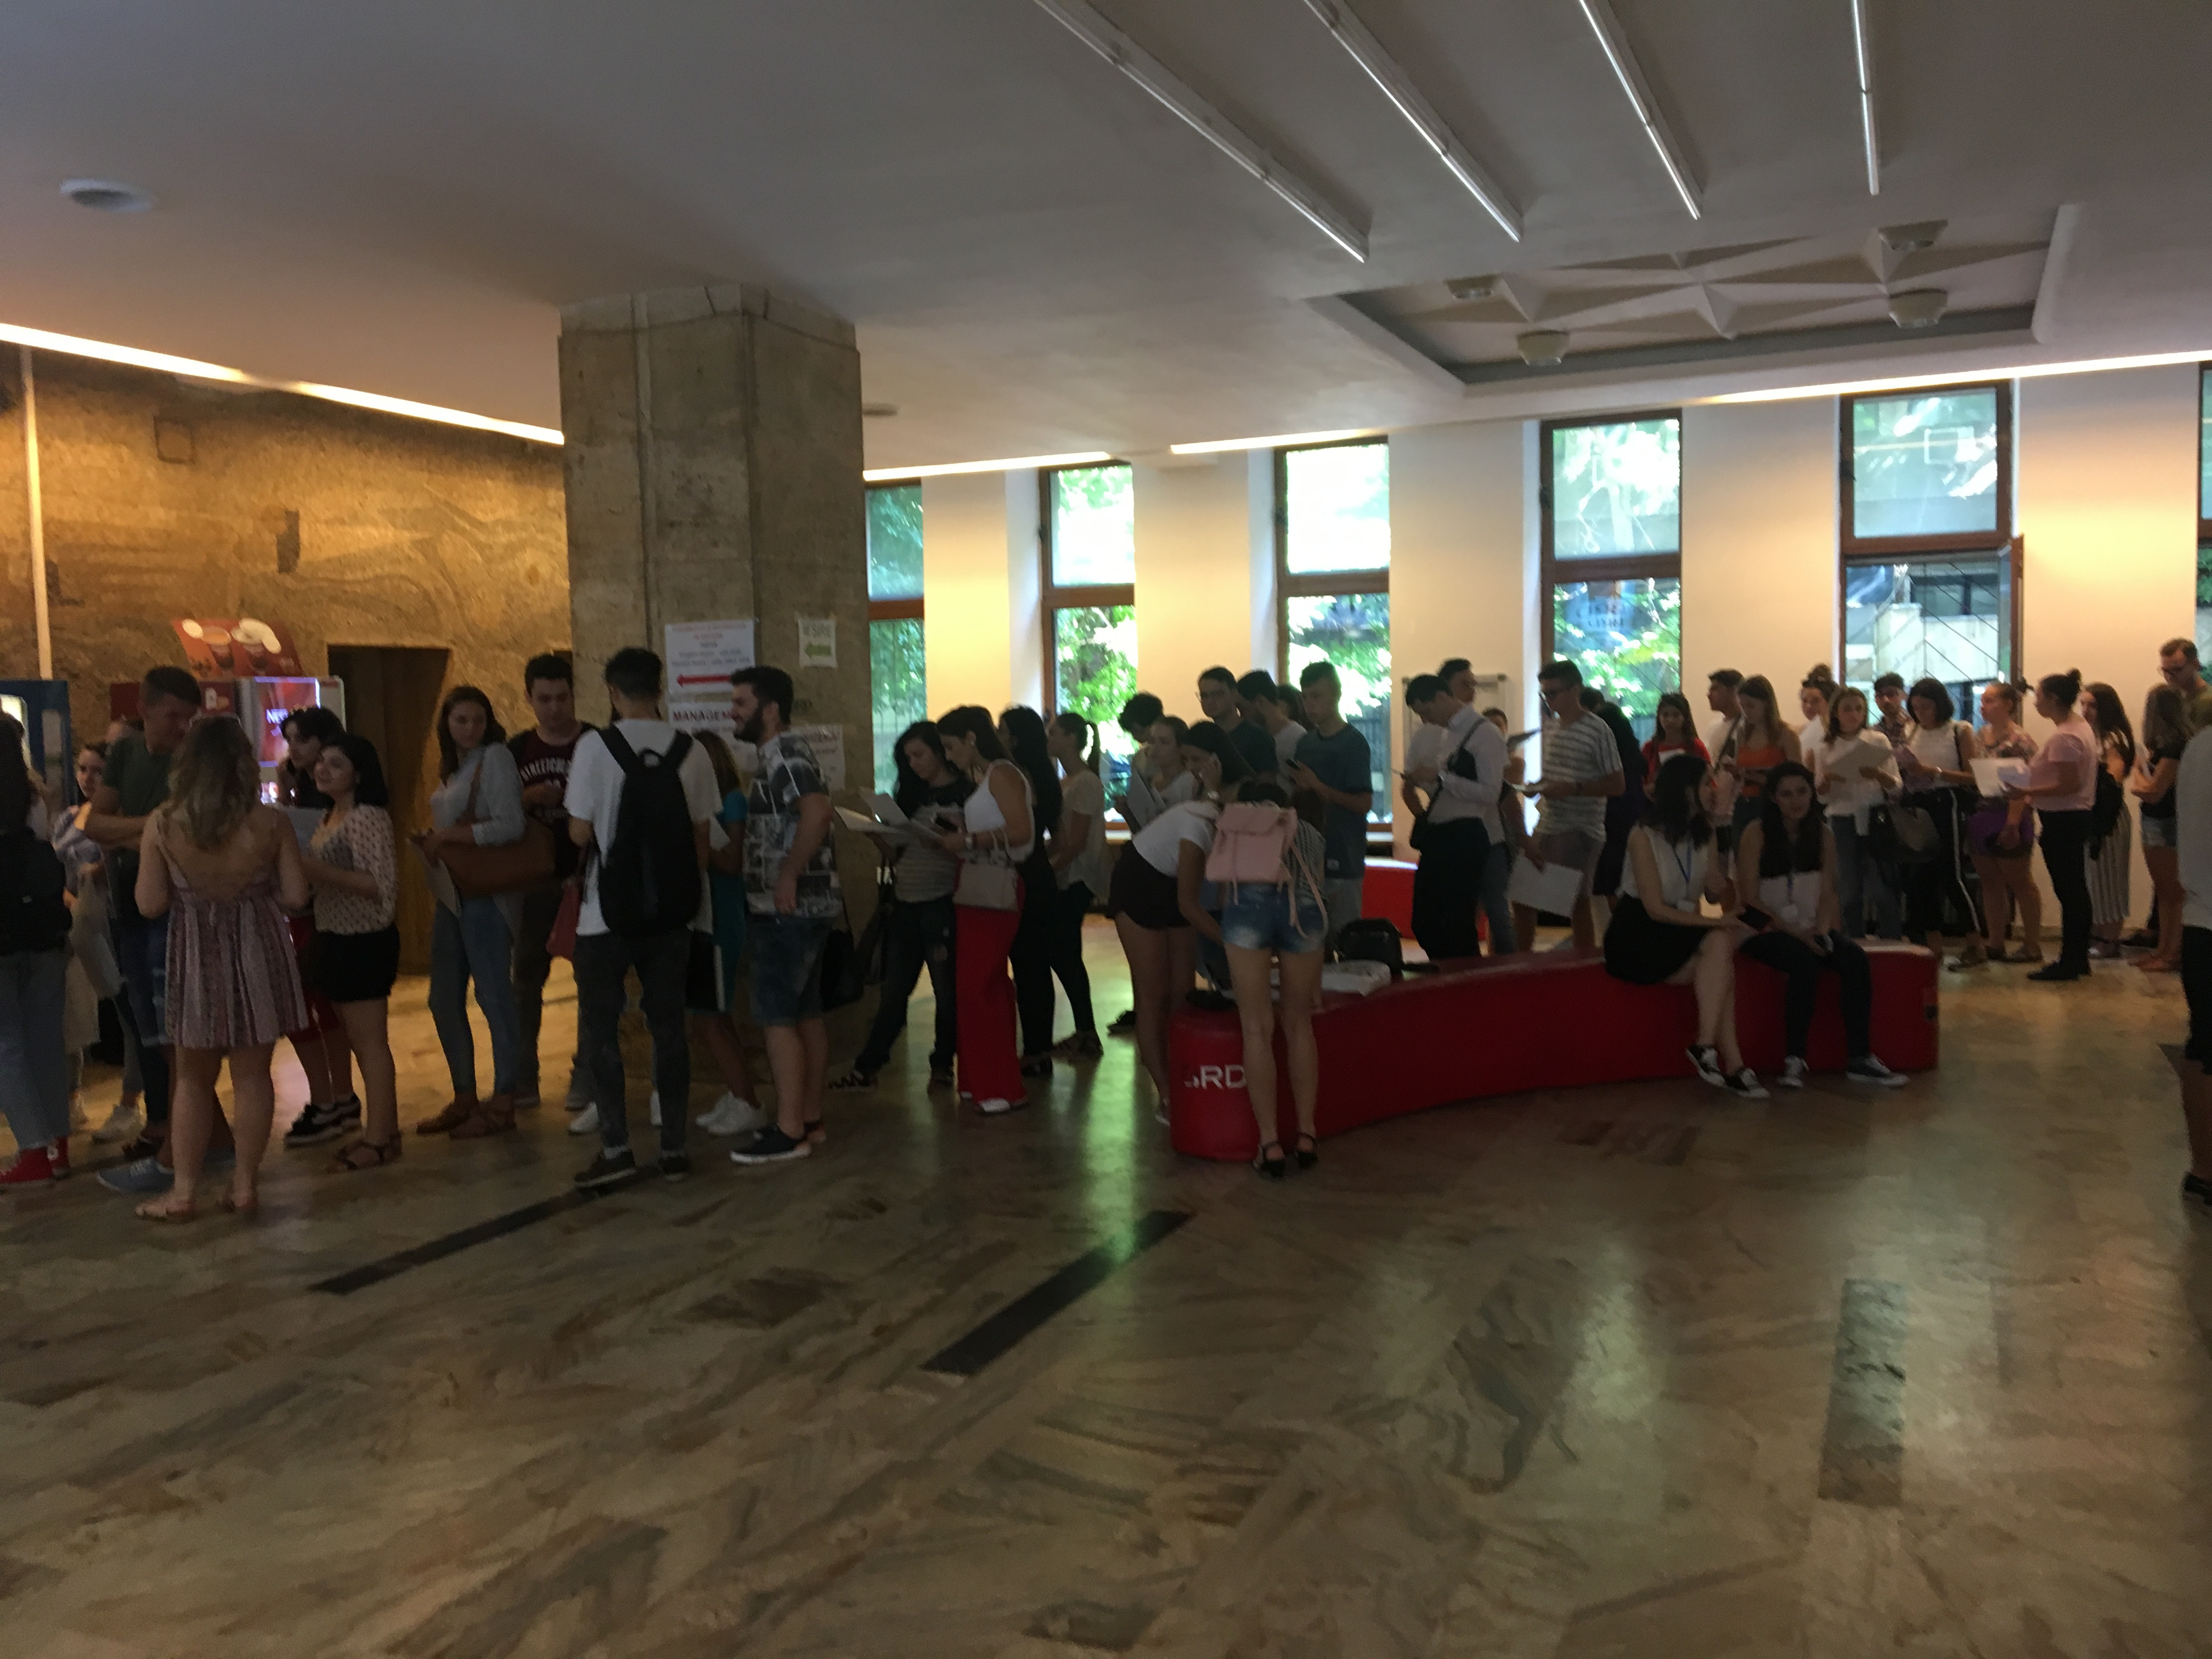 FOTO | Înscrierea la facultate. Mii de candidaţi, la coadă pentru a-şi depune dosarul la ASE, în Bucureşti. Care sunt cele mai căutate facultăţi / Universităţile din Cluj, aproape 10.000 de locuri bugetate, peste jumătate la UBB